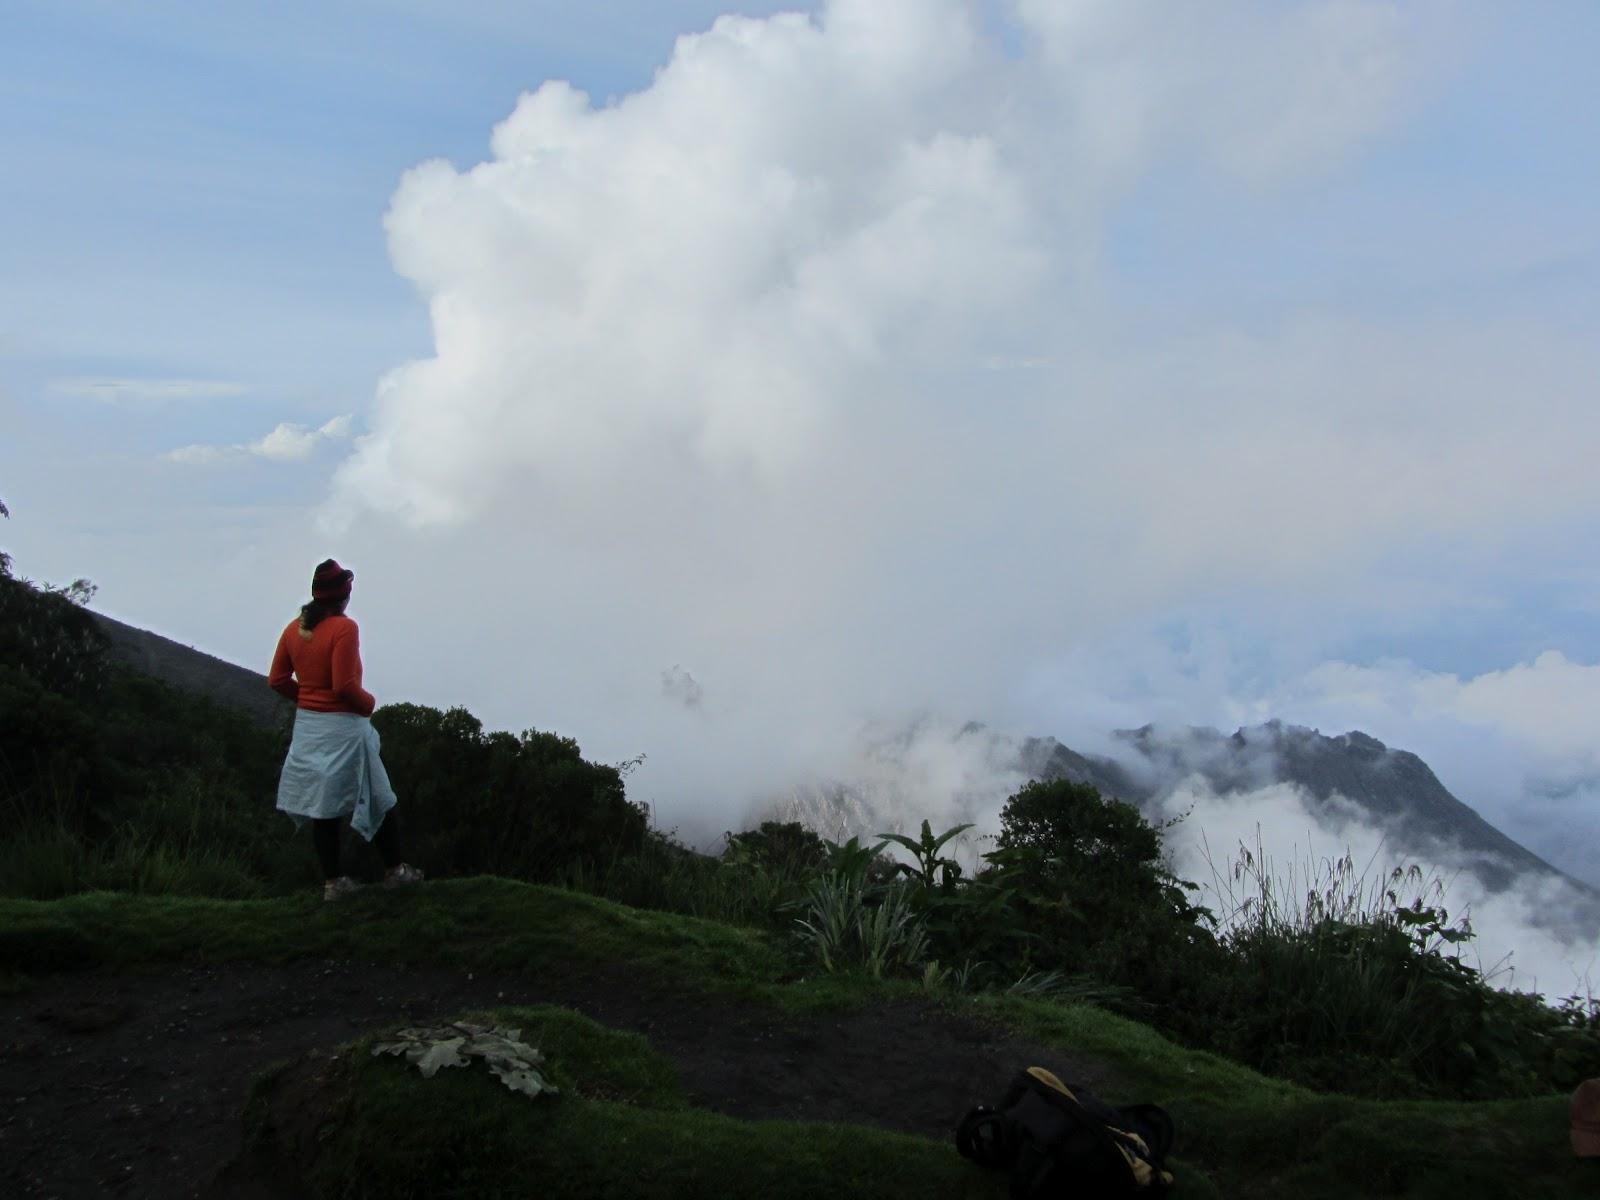 Ver as erupções vulcânicas do SANTIAGUITO, o vulcão mais jovem da Guatemala